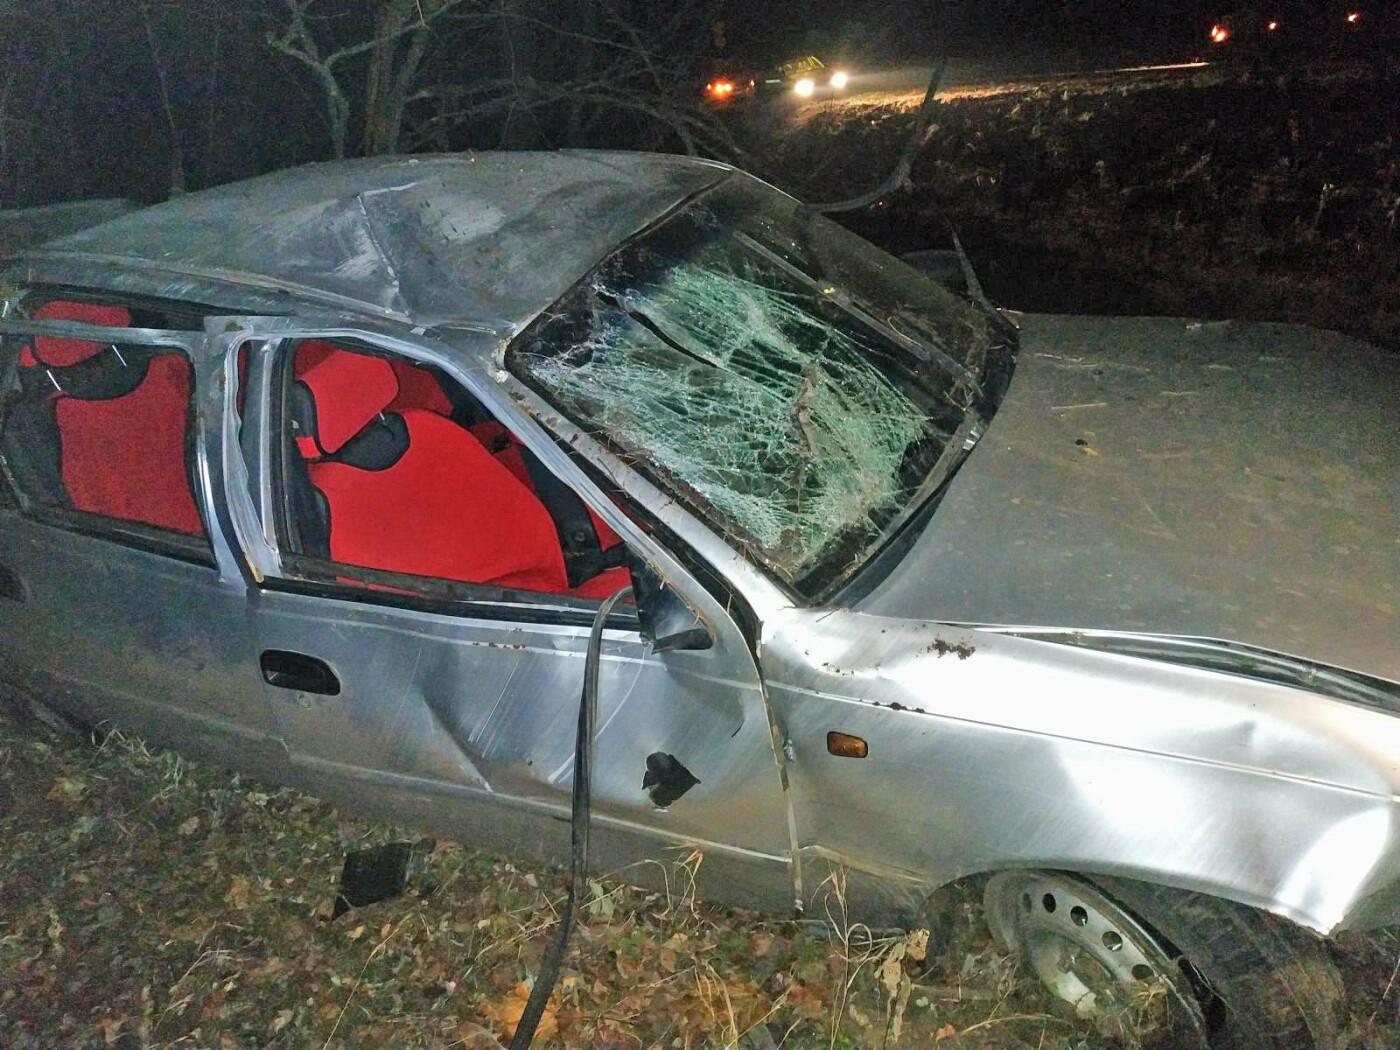 В Тамбовской области перевернулась легковушка: два человека пострадали, водитель скрылся с места ДТП, фото-2